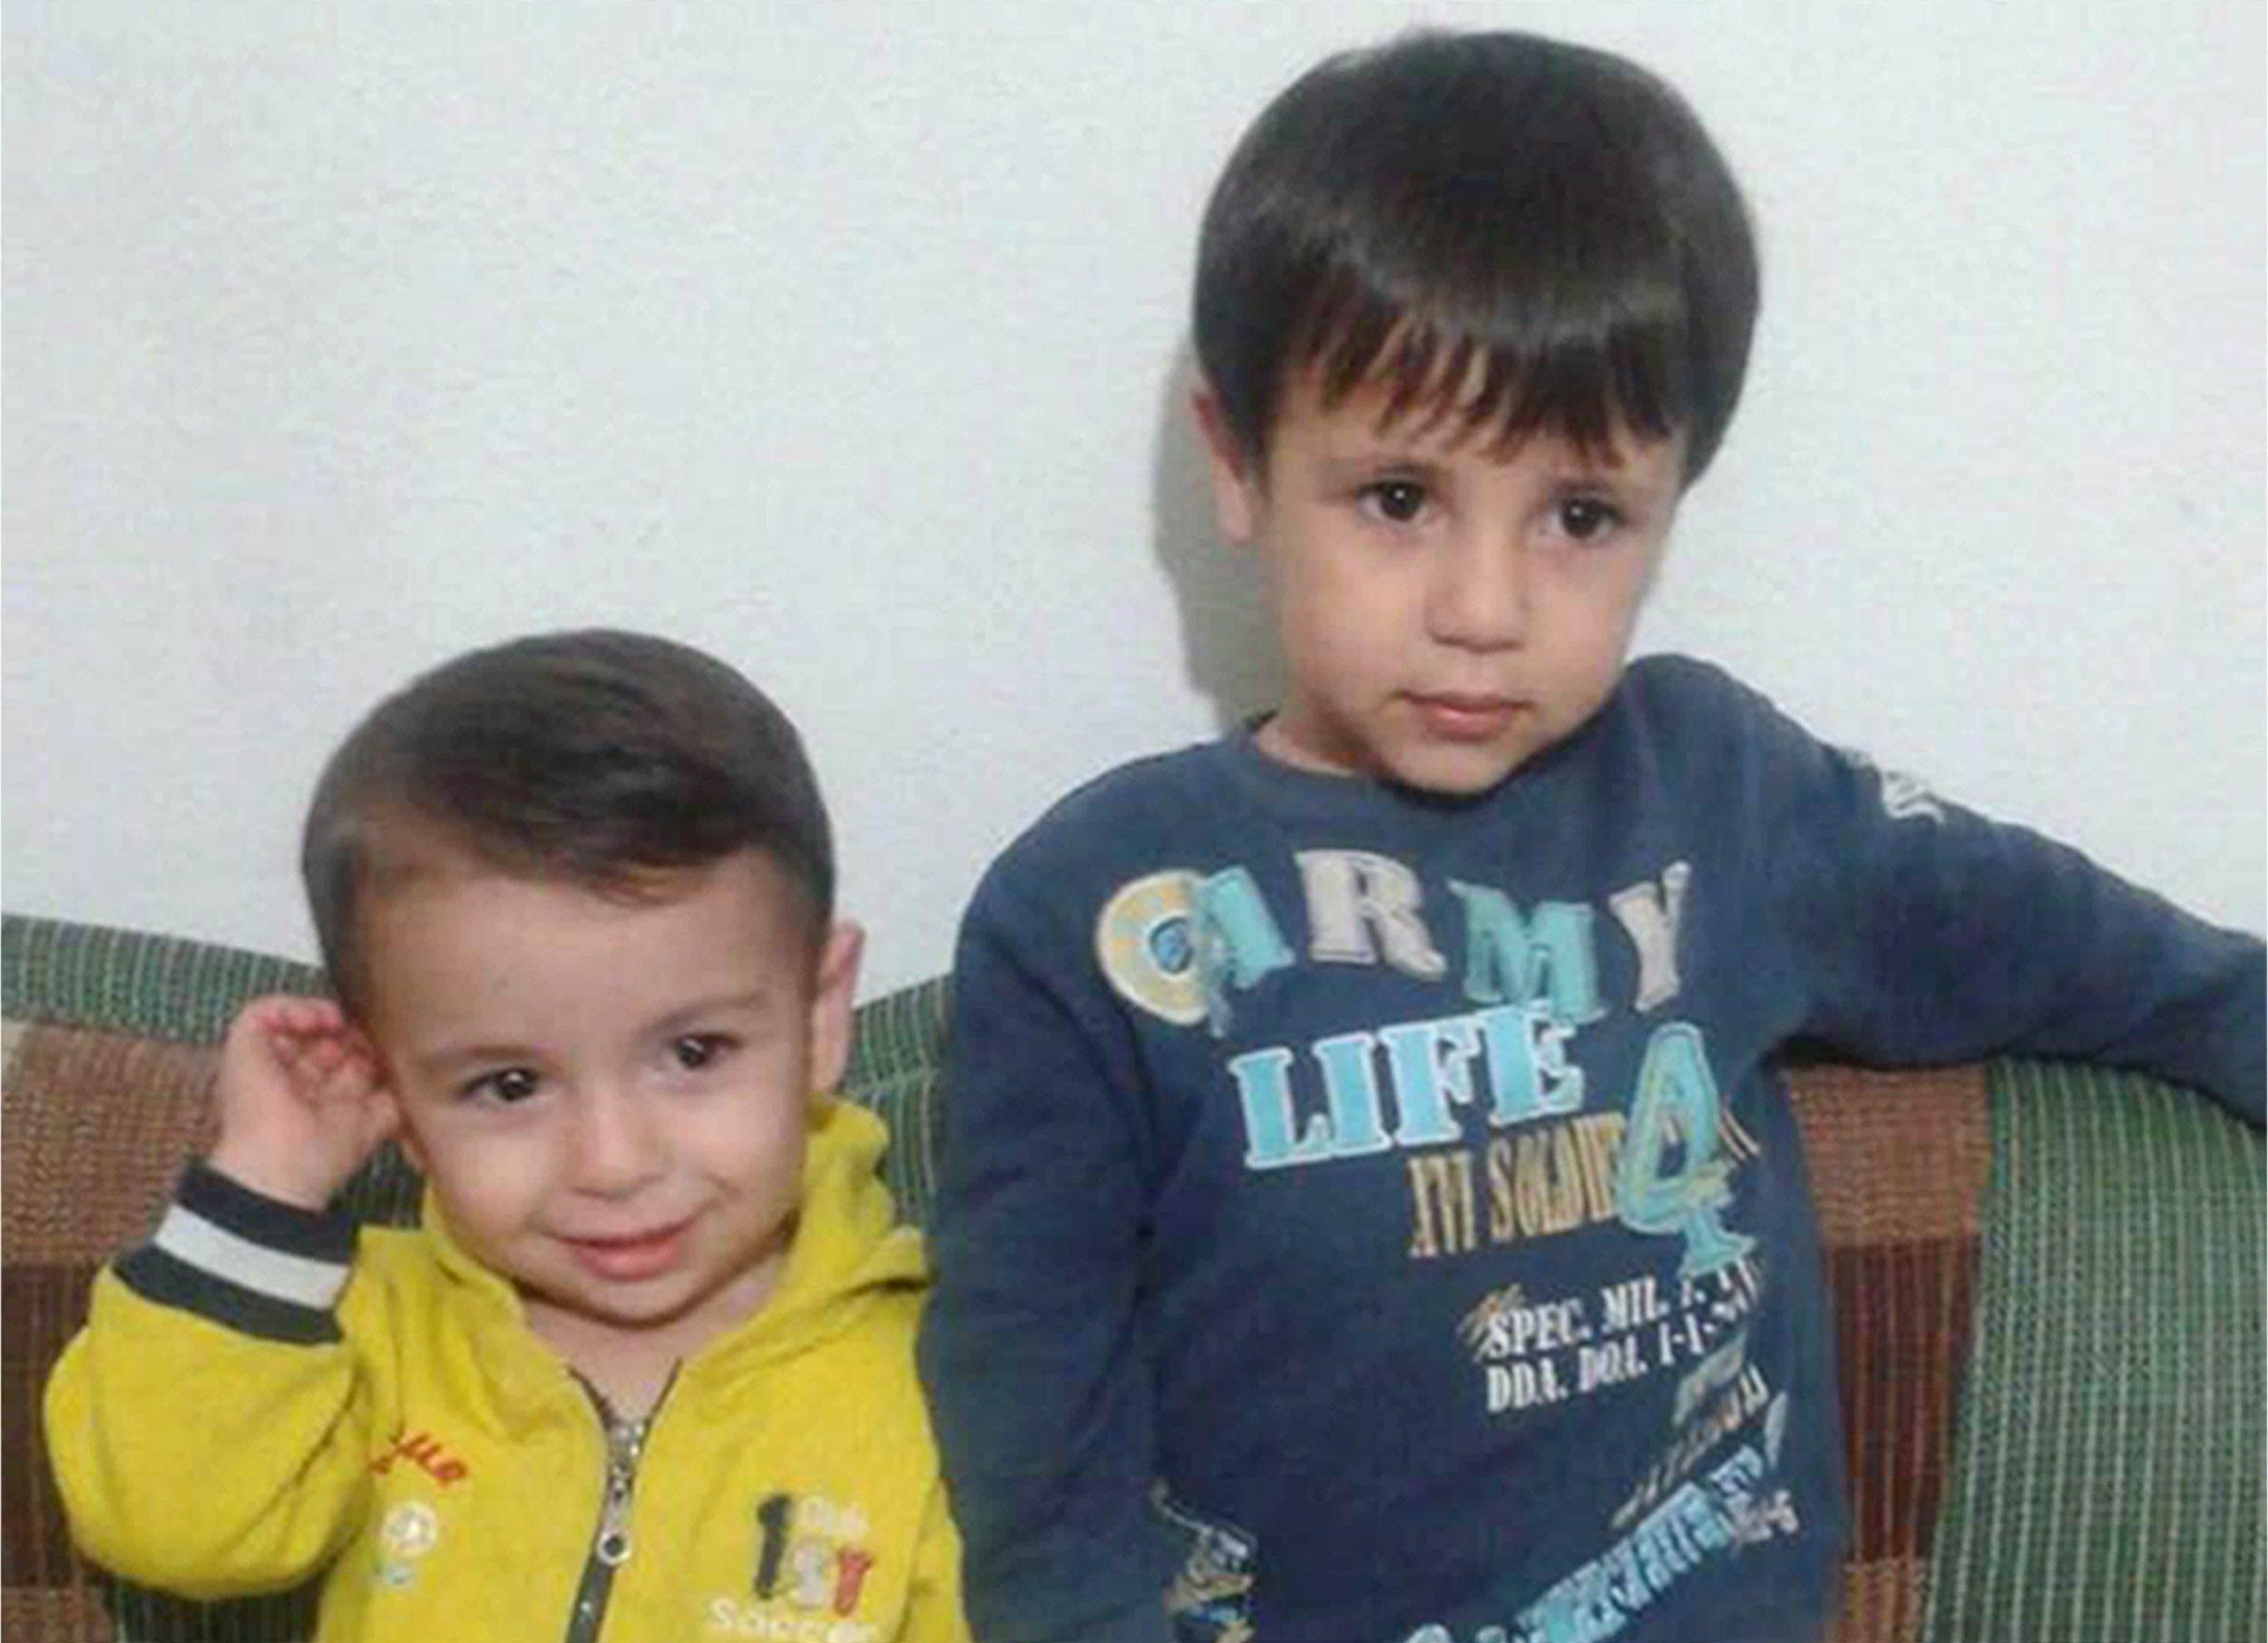 Ojciec 3-letniego Alana Kurdiego, którego zdjęcia rok temu poruszyły świat, apeluje o pomoc uchodźcom